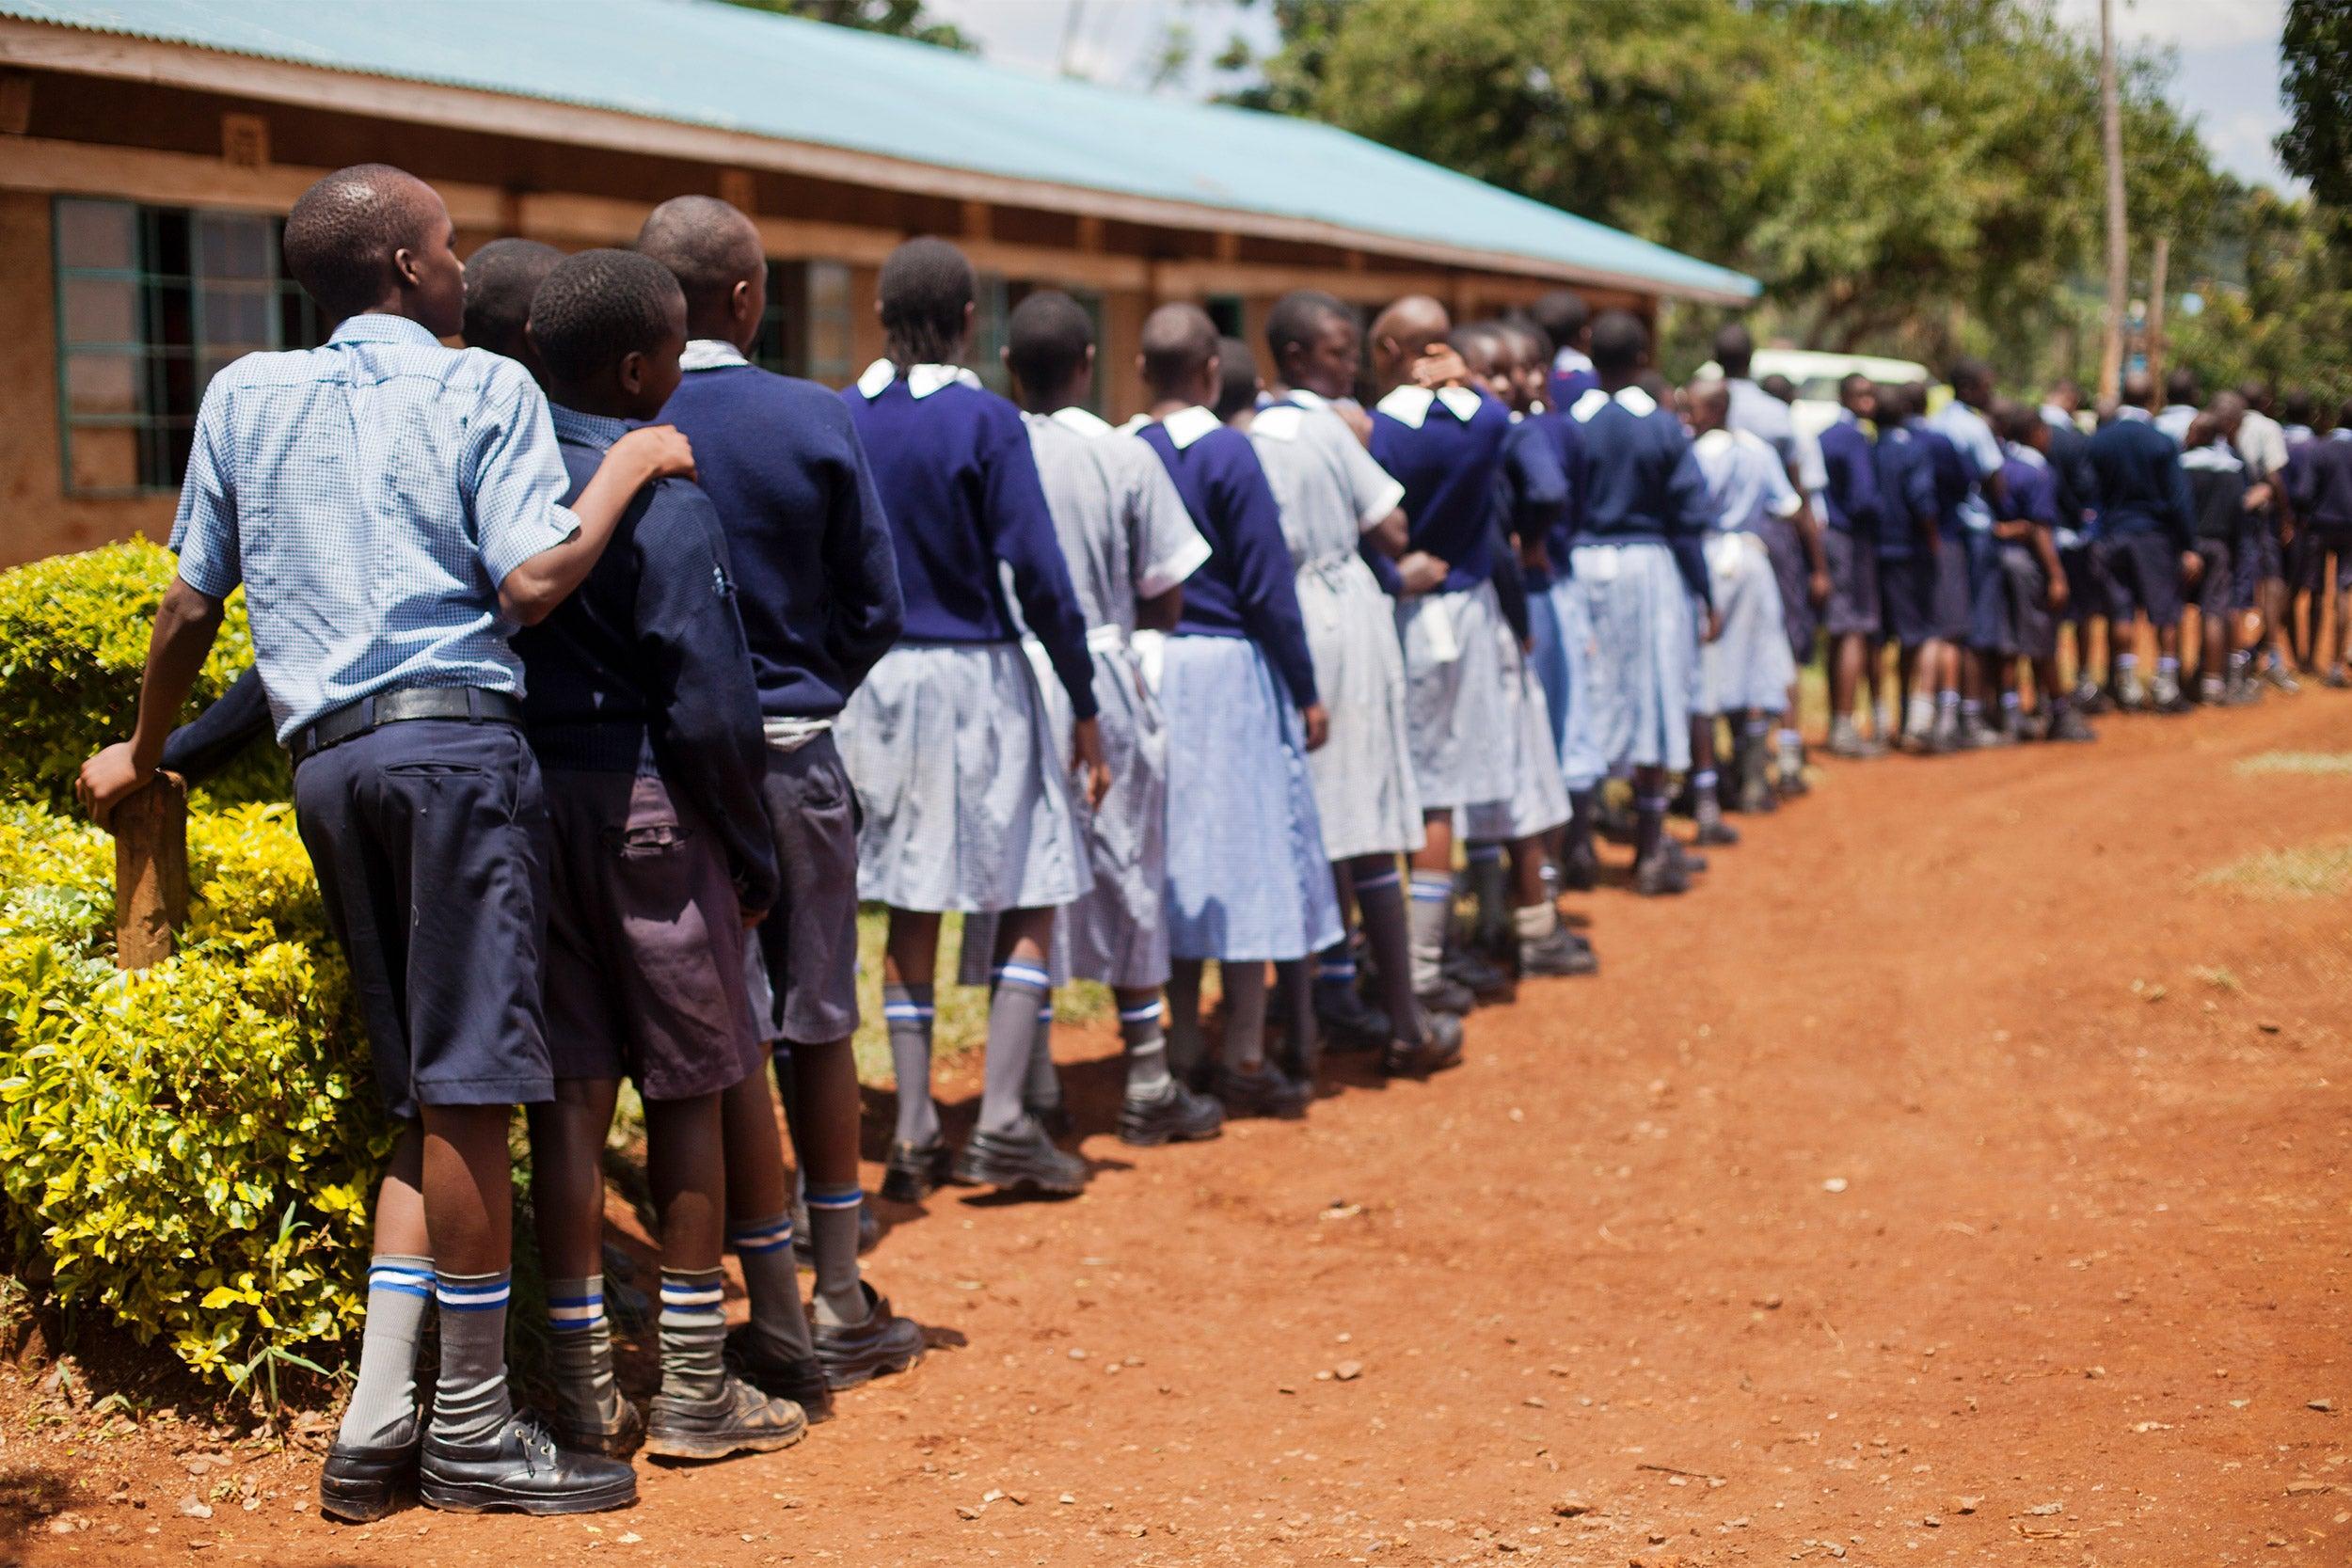 Schoolchildren standing in line.